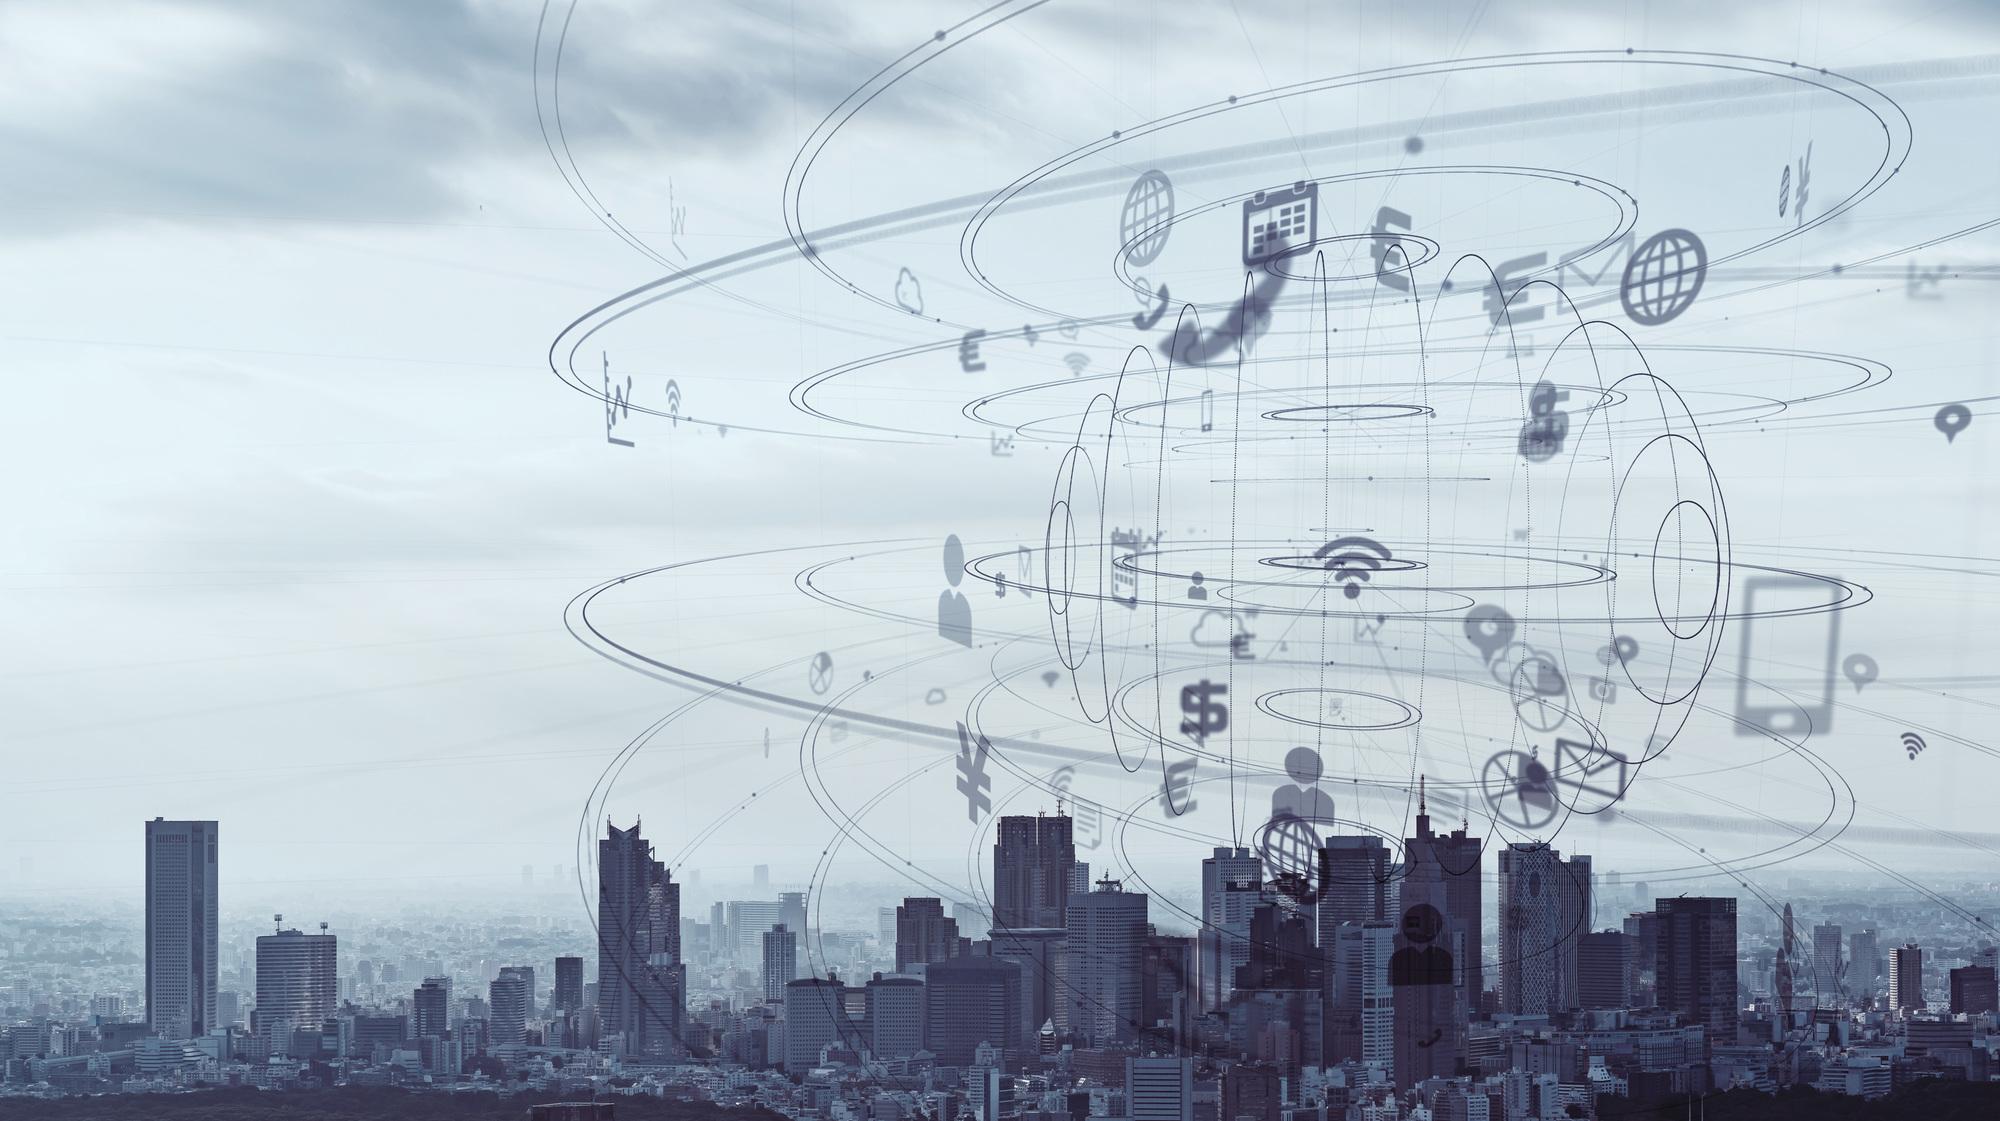 【IoT用の通信規格のパイオニア】LoRa・LoRaWANとは何か?違いや特徴をご紹介のアイキャッチイメージ